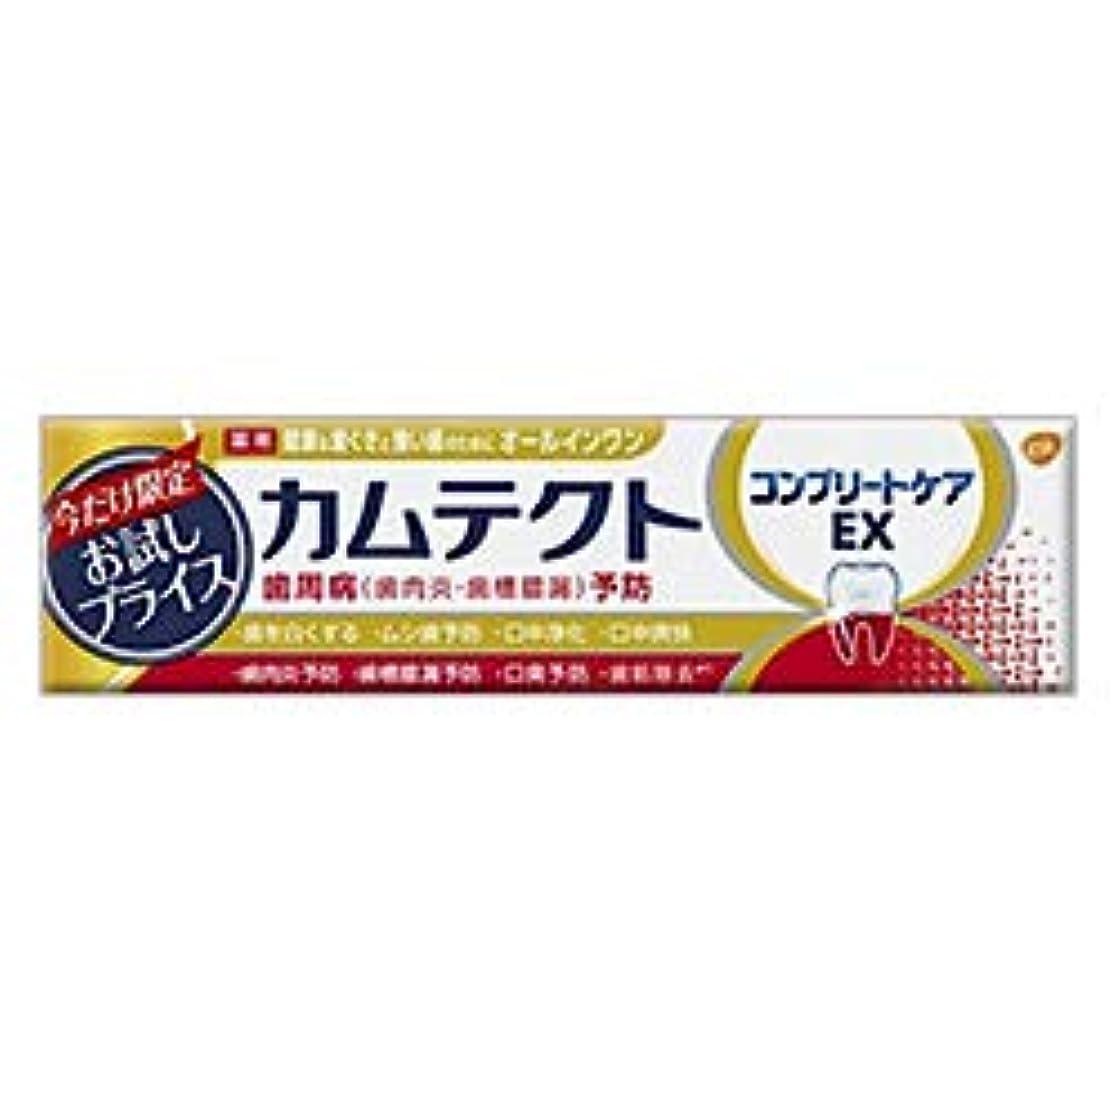 【アース製薬】カムテクト コンプリートケアEX 限定お試し版 95g [医薬部外品] ×5個セット